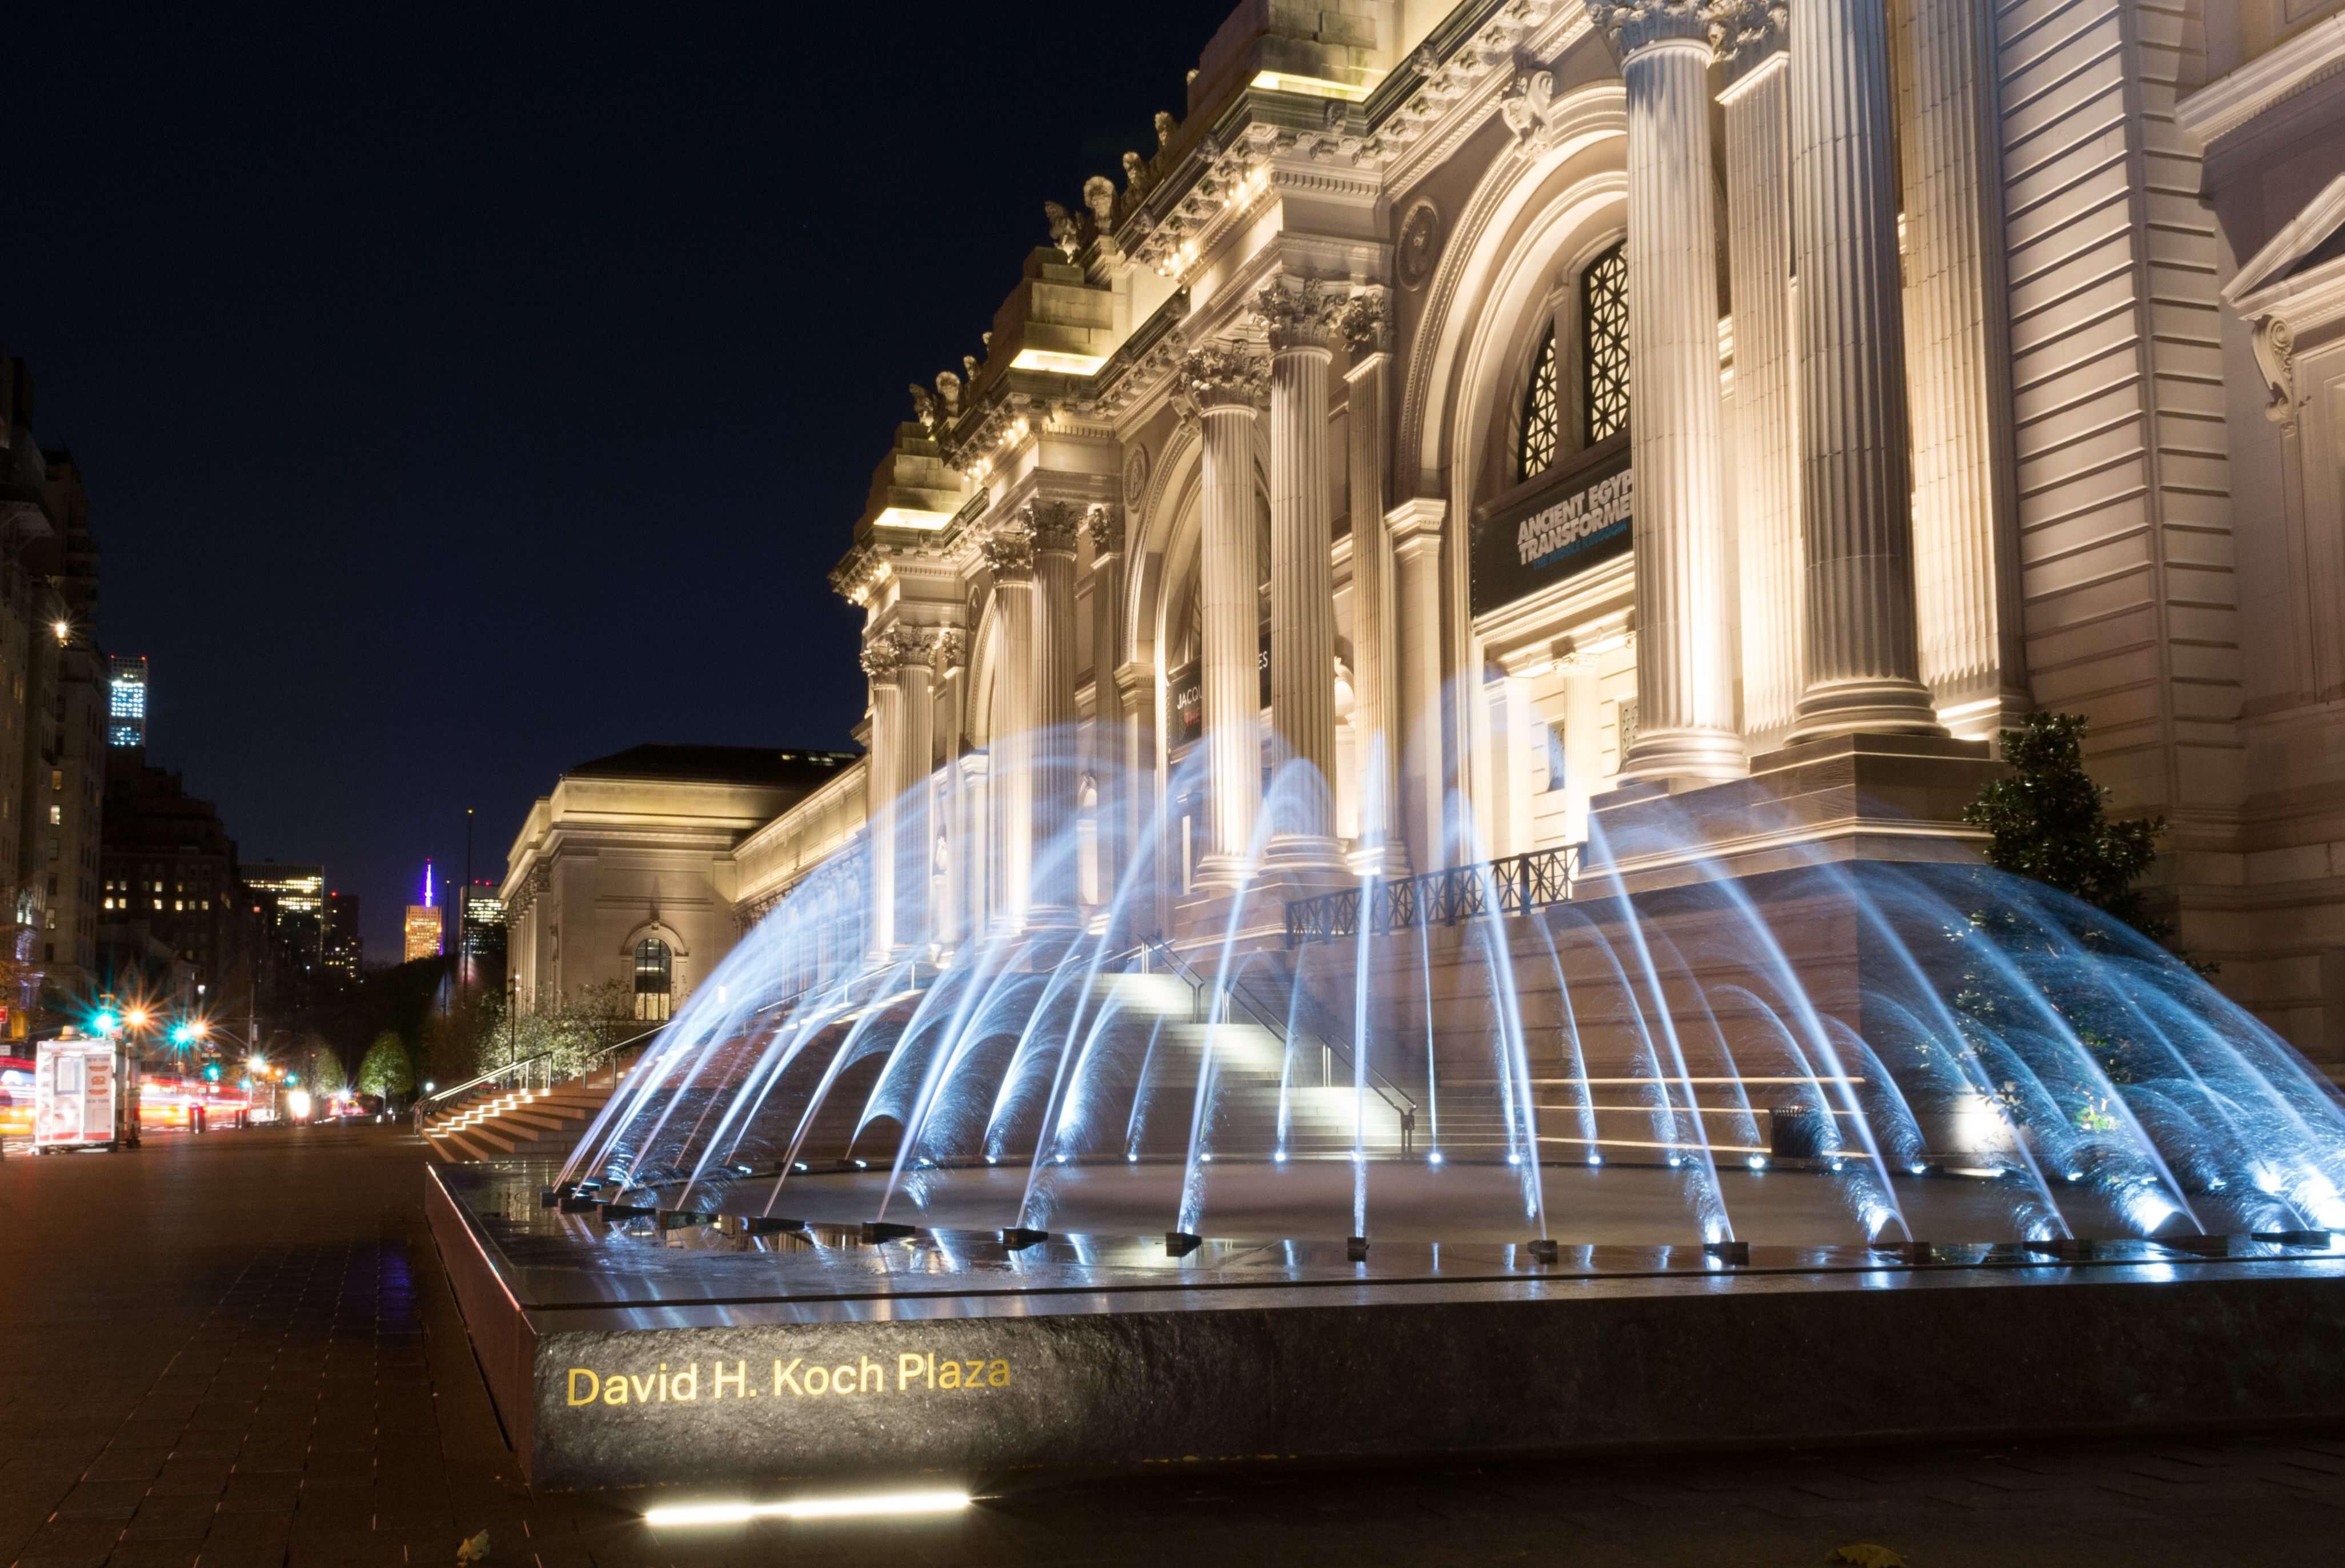 Metropolitan Museum of Arts in New York